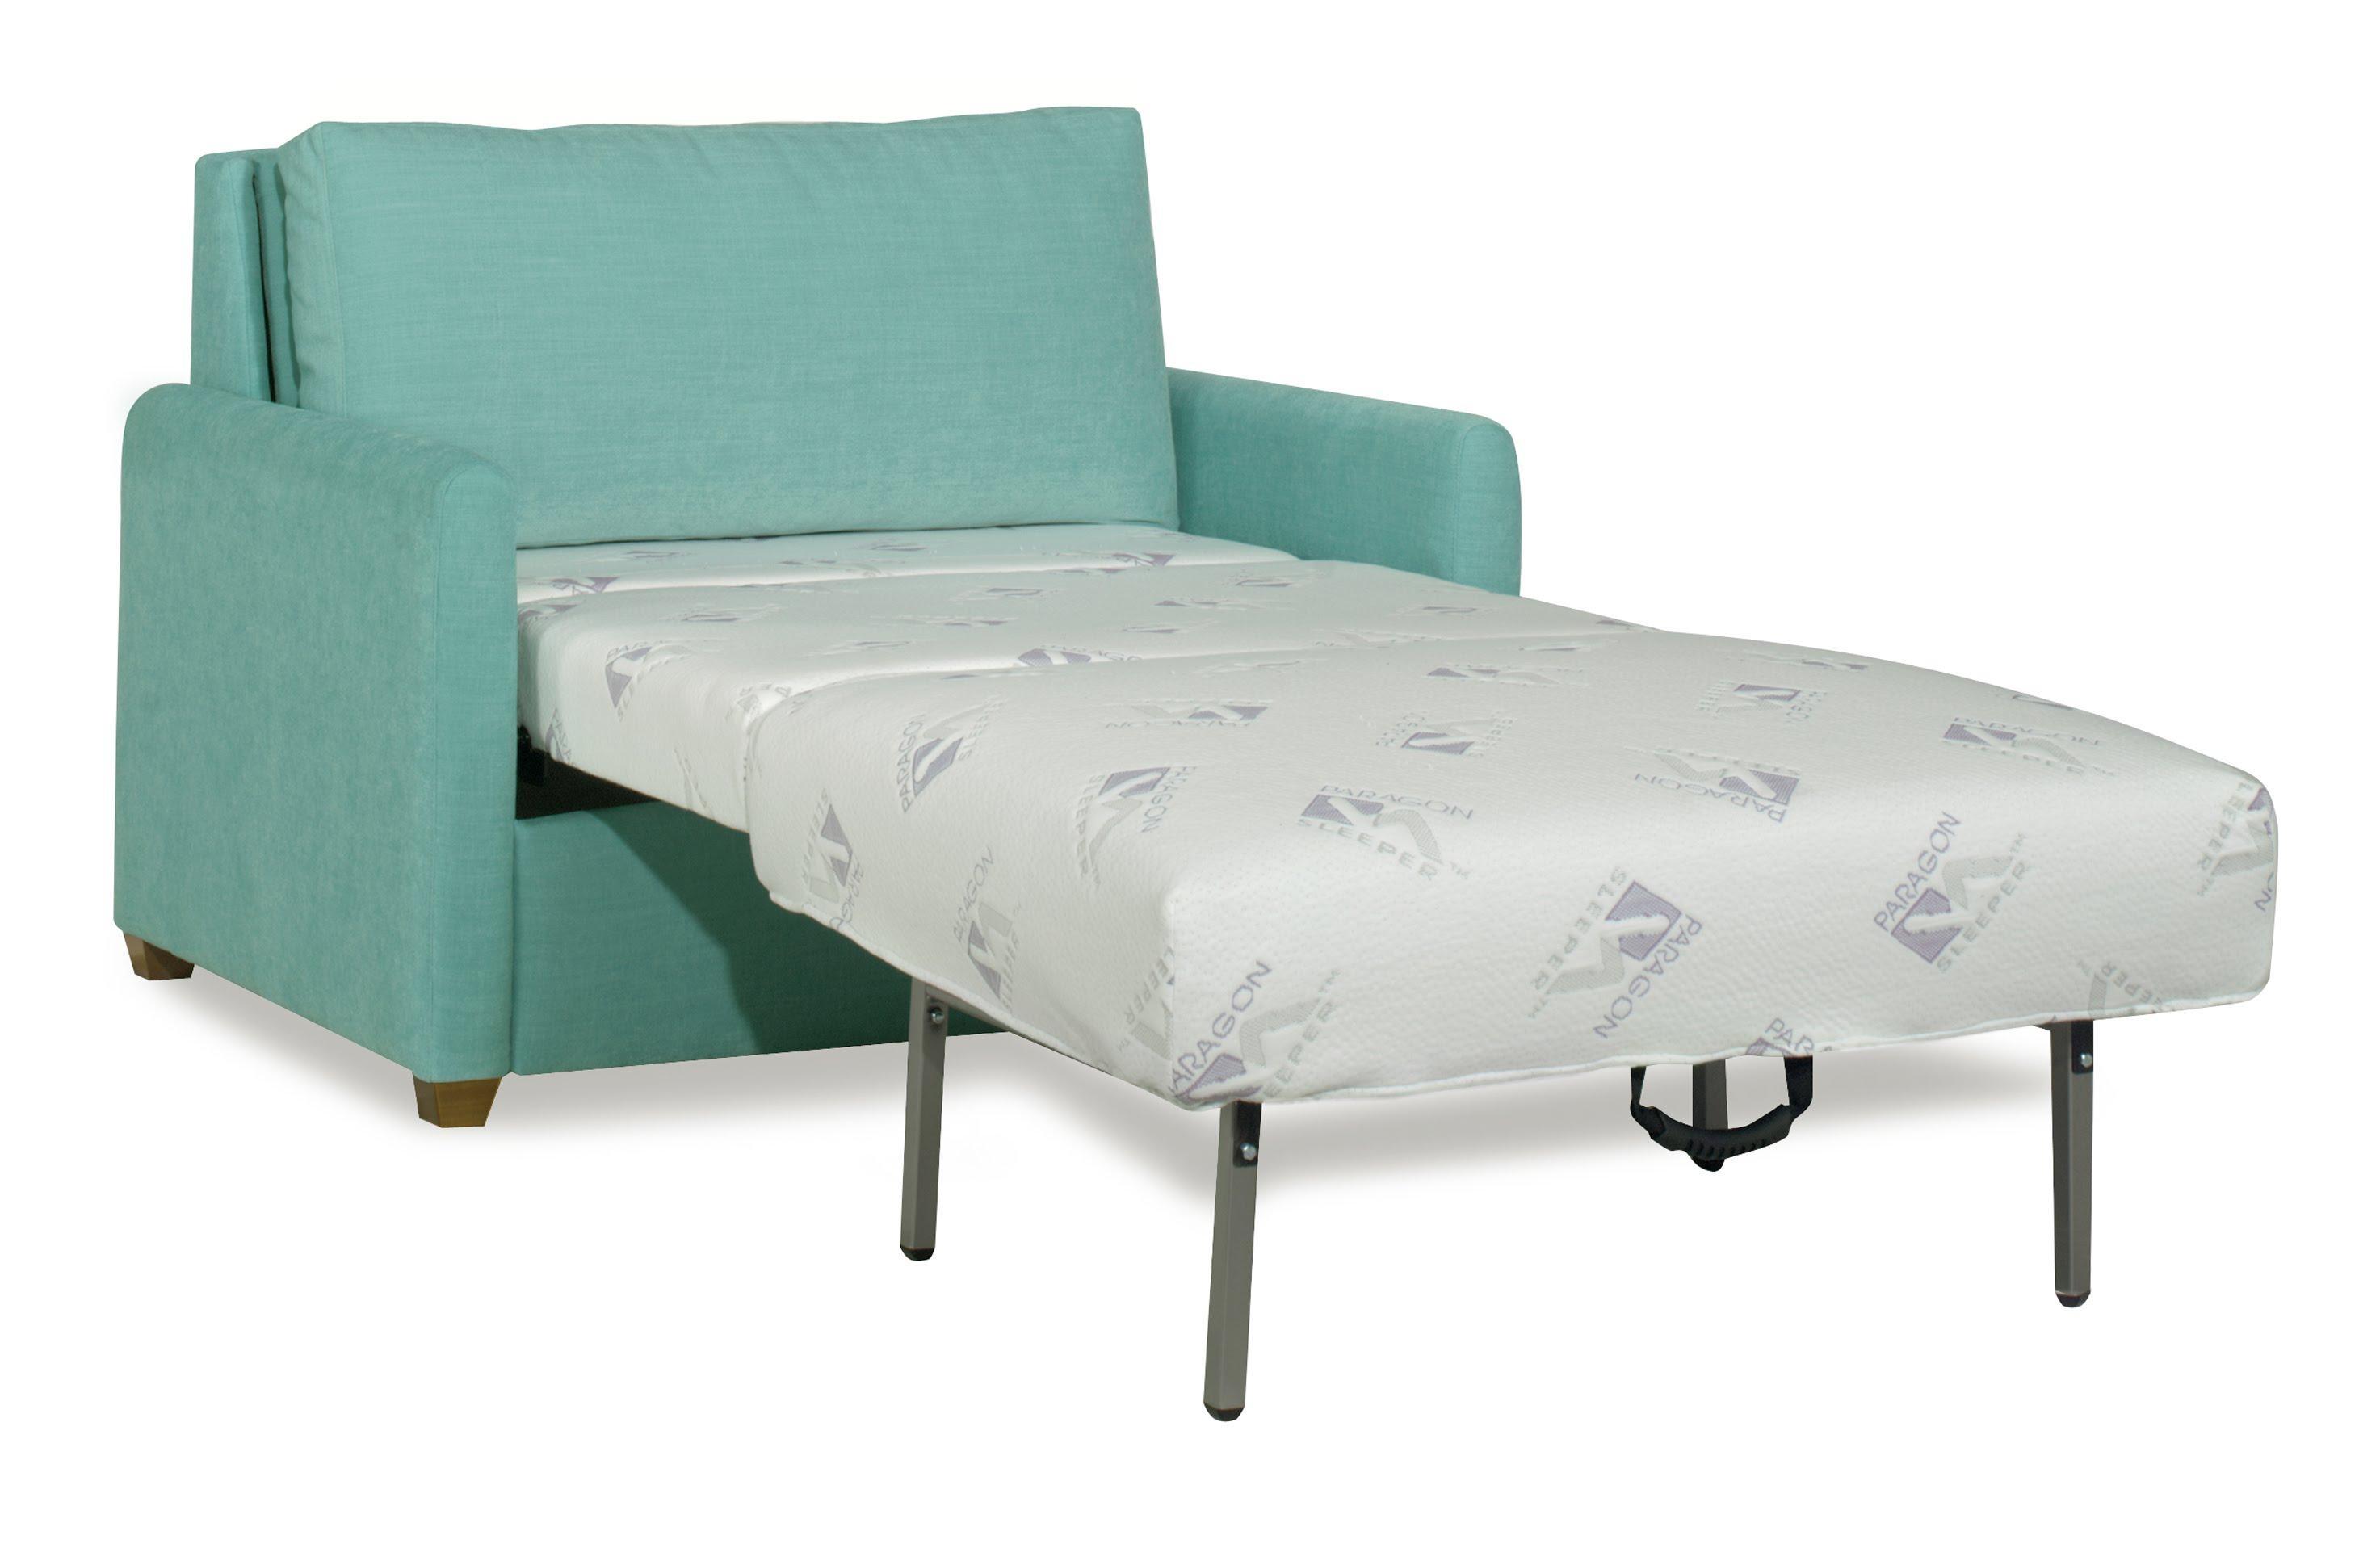 Chair Sleeper Sofas Chair Beds Ikea Single Sofa 0325767 Pe5230 With Twin Sofa Chairs (Image 4 of 20)